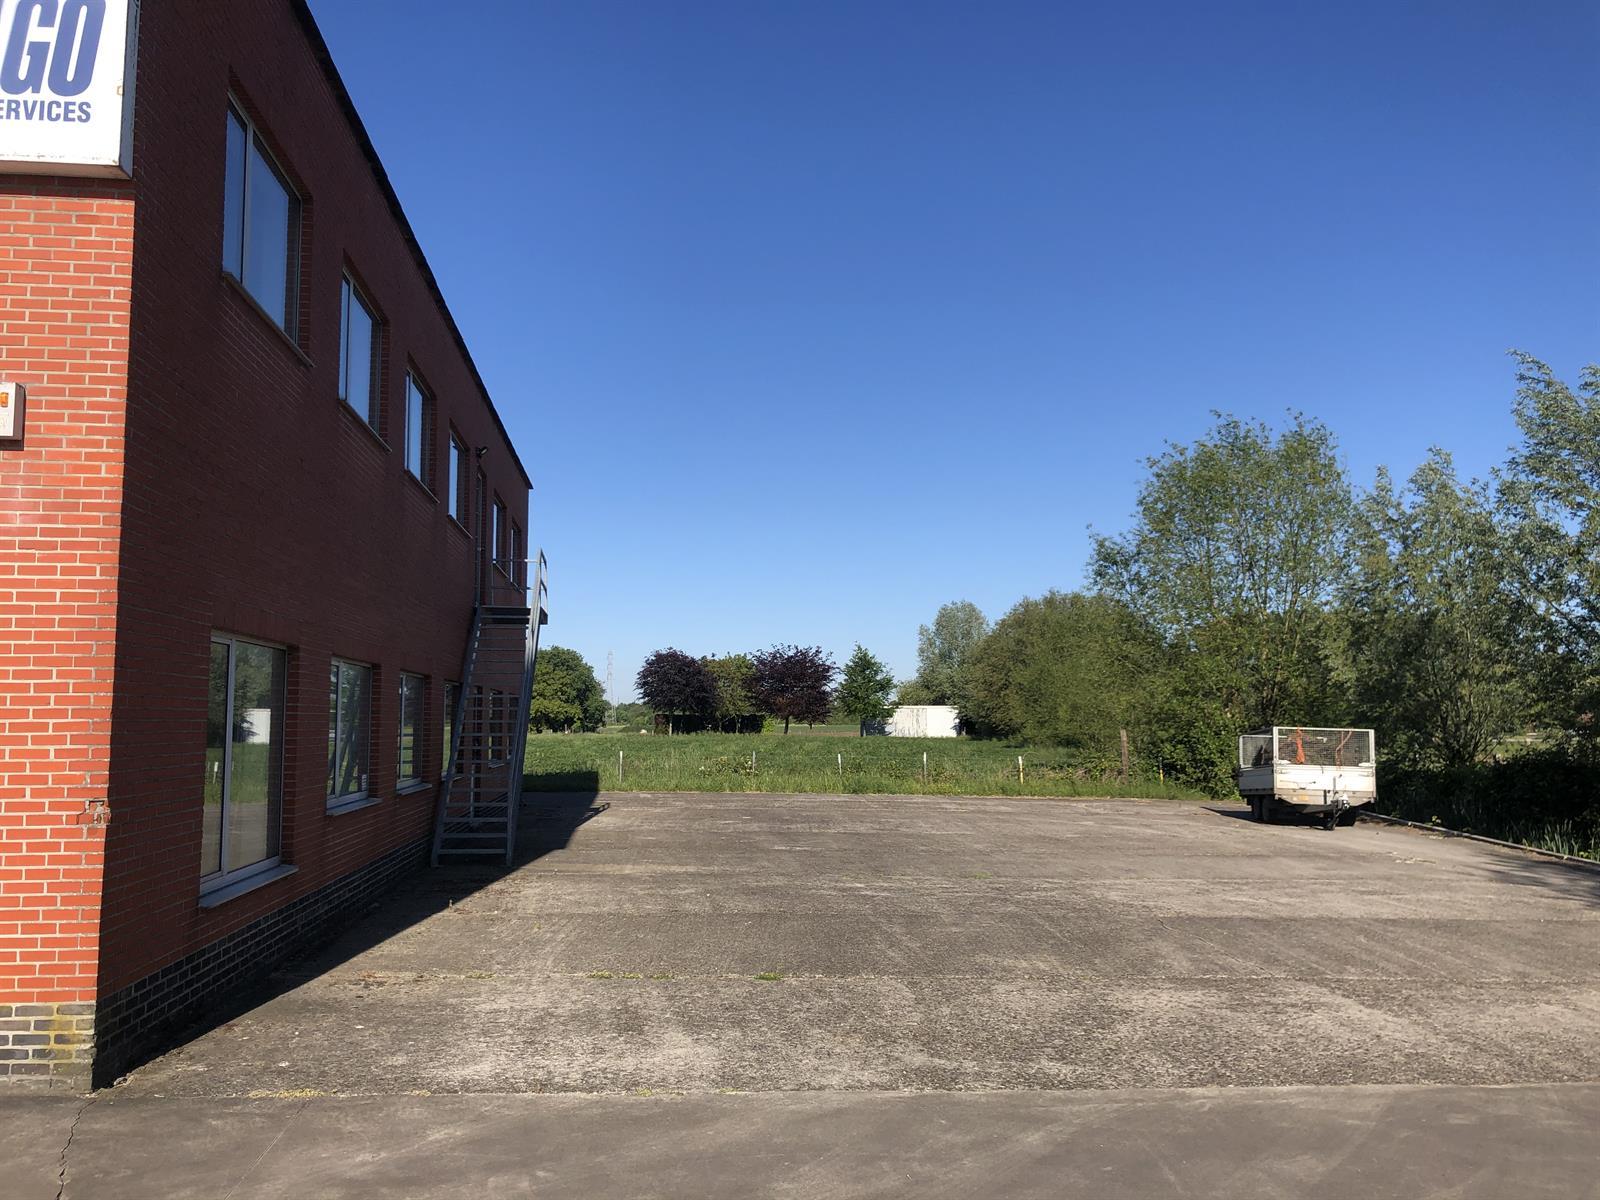 kantoor te huur I137 - Kantoor - Rollebeekstraat 16, 2160 Wommelgem, België 9